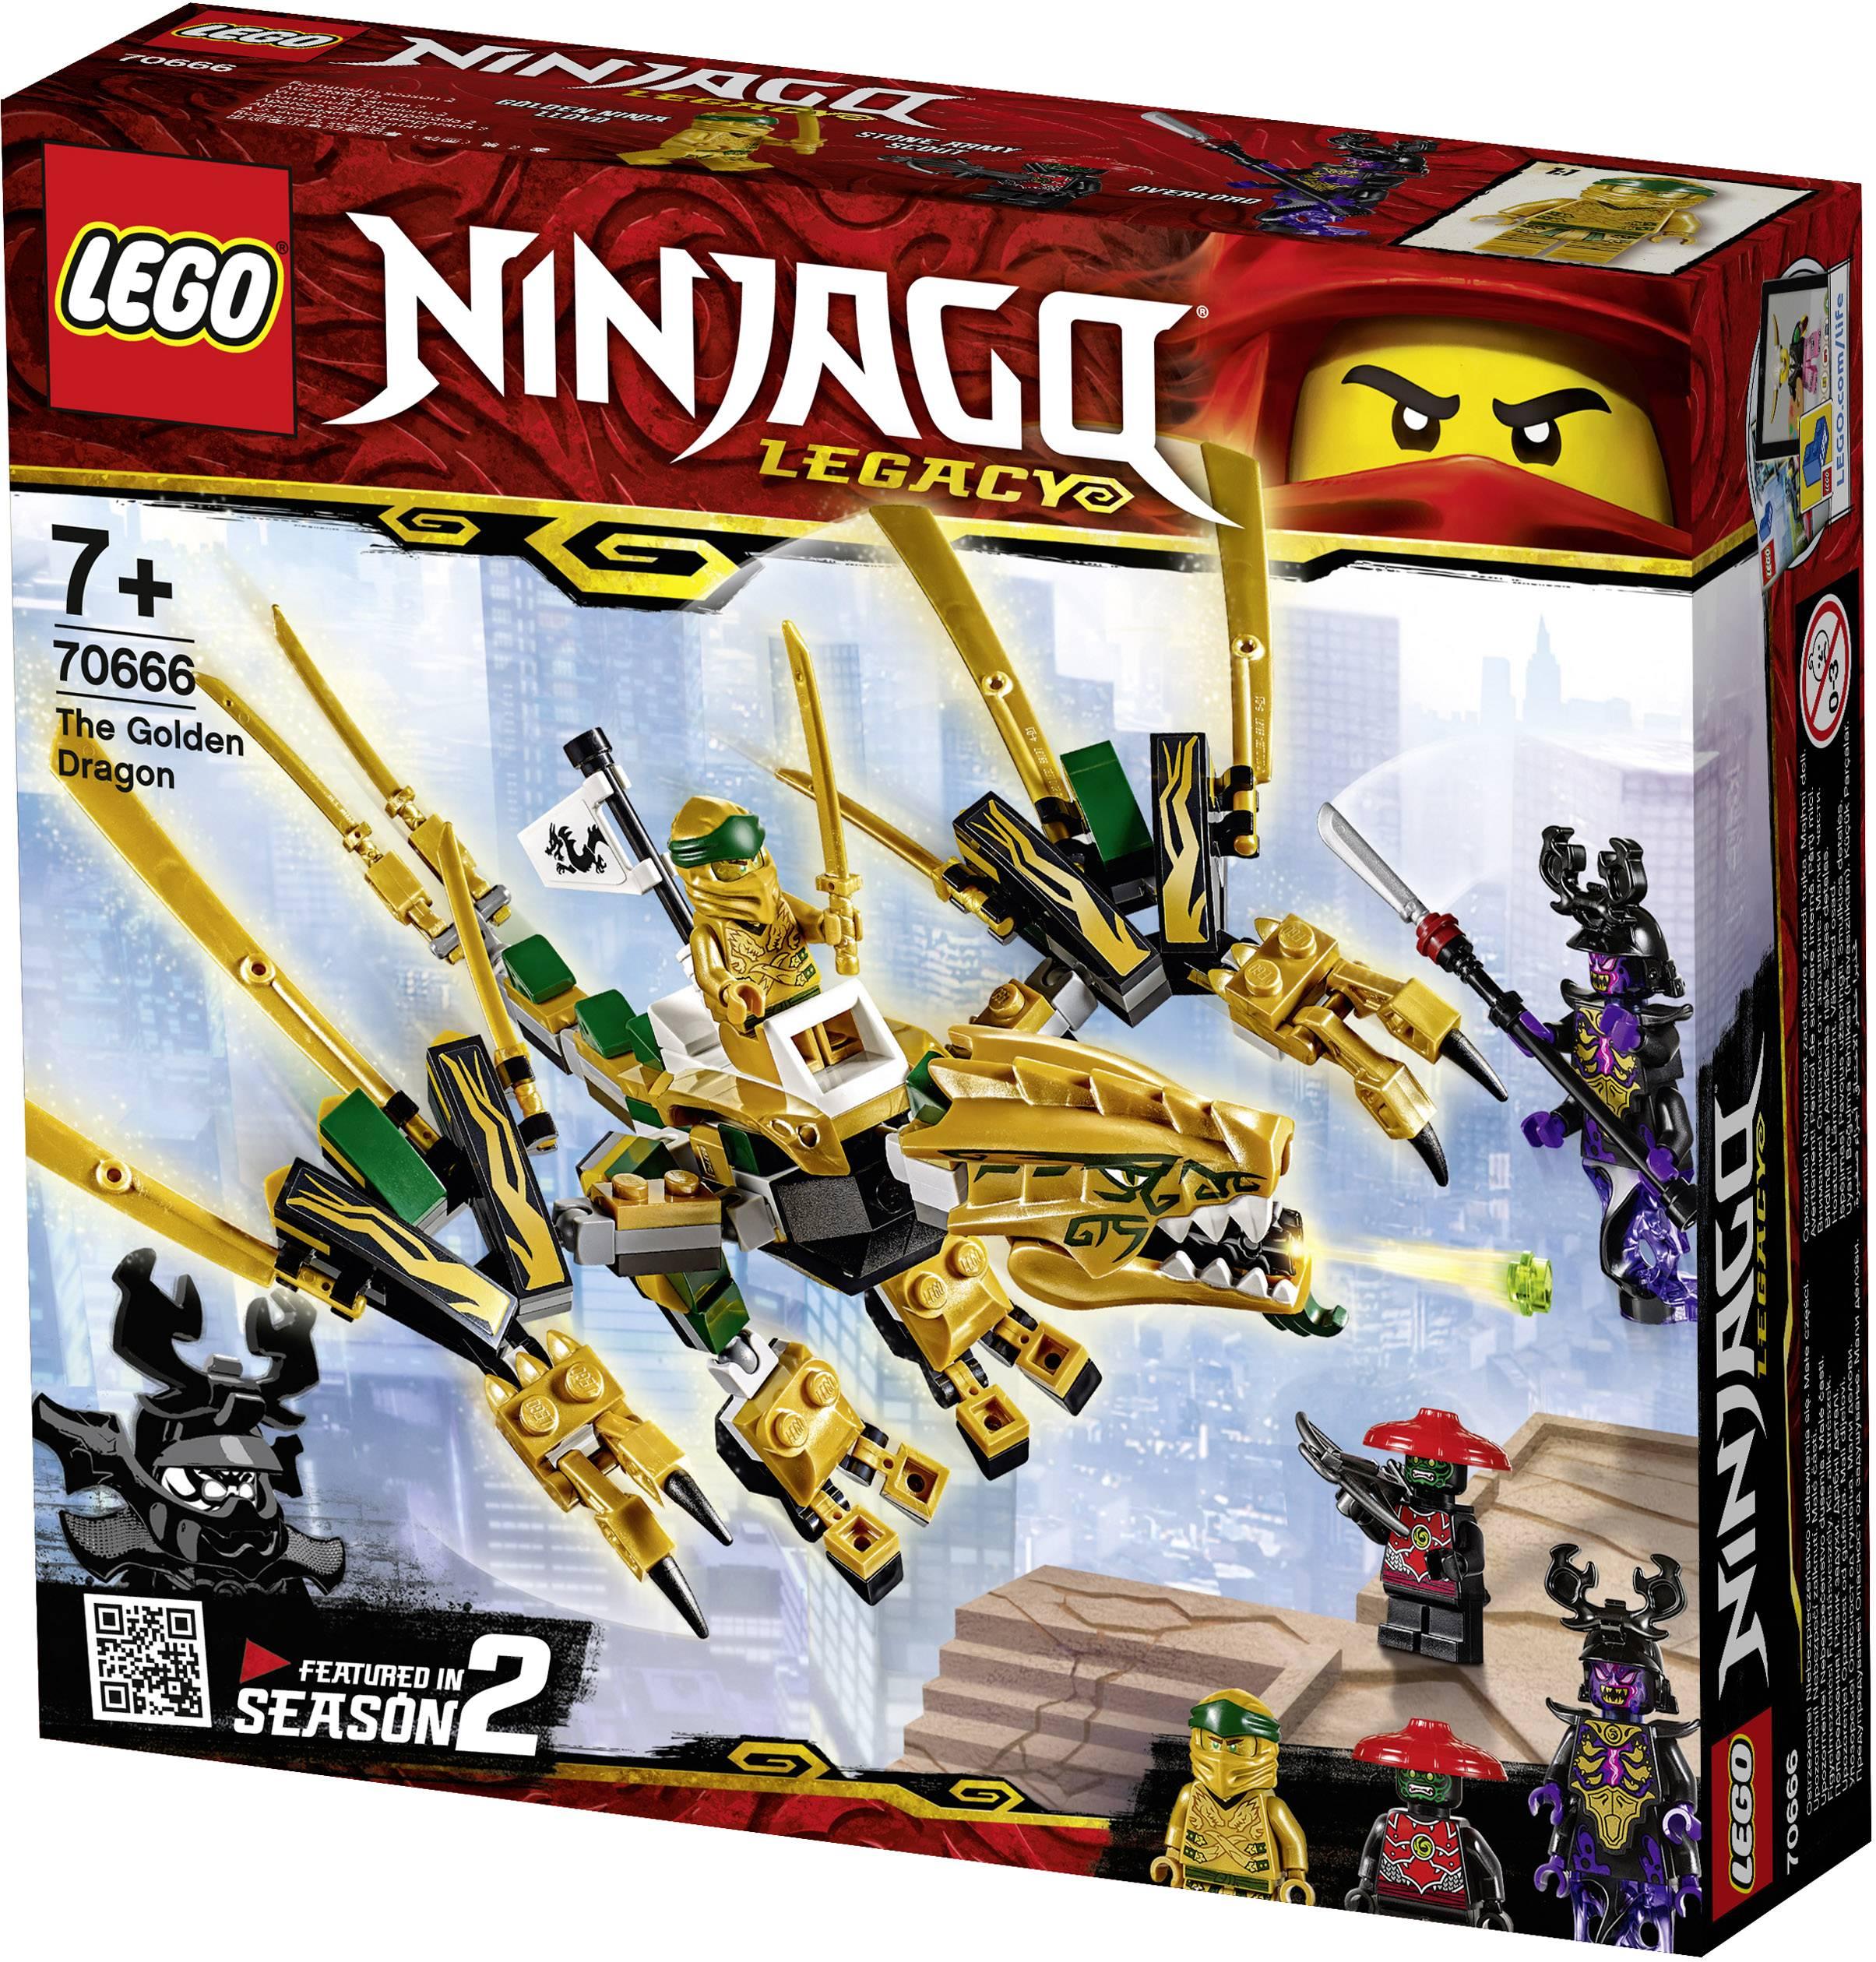 Ninjago De 171 Lego® Legopièces 70666 Nombre CderxBo